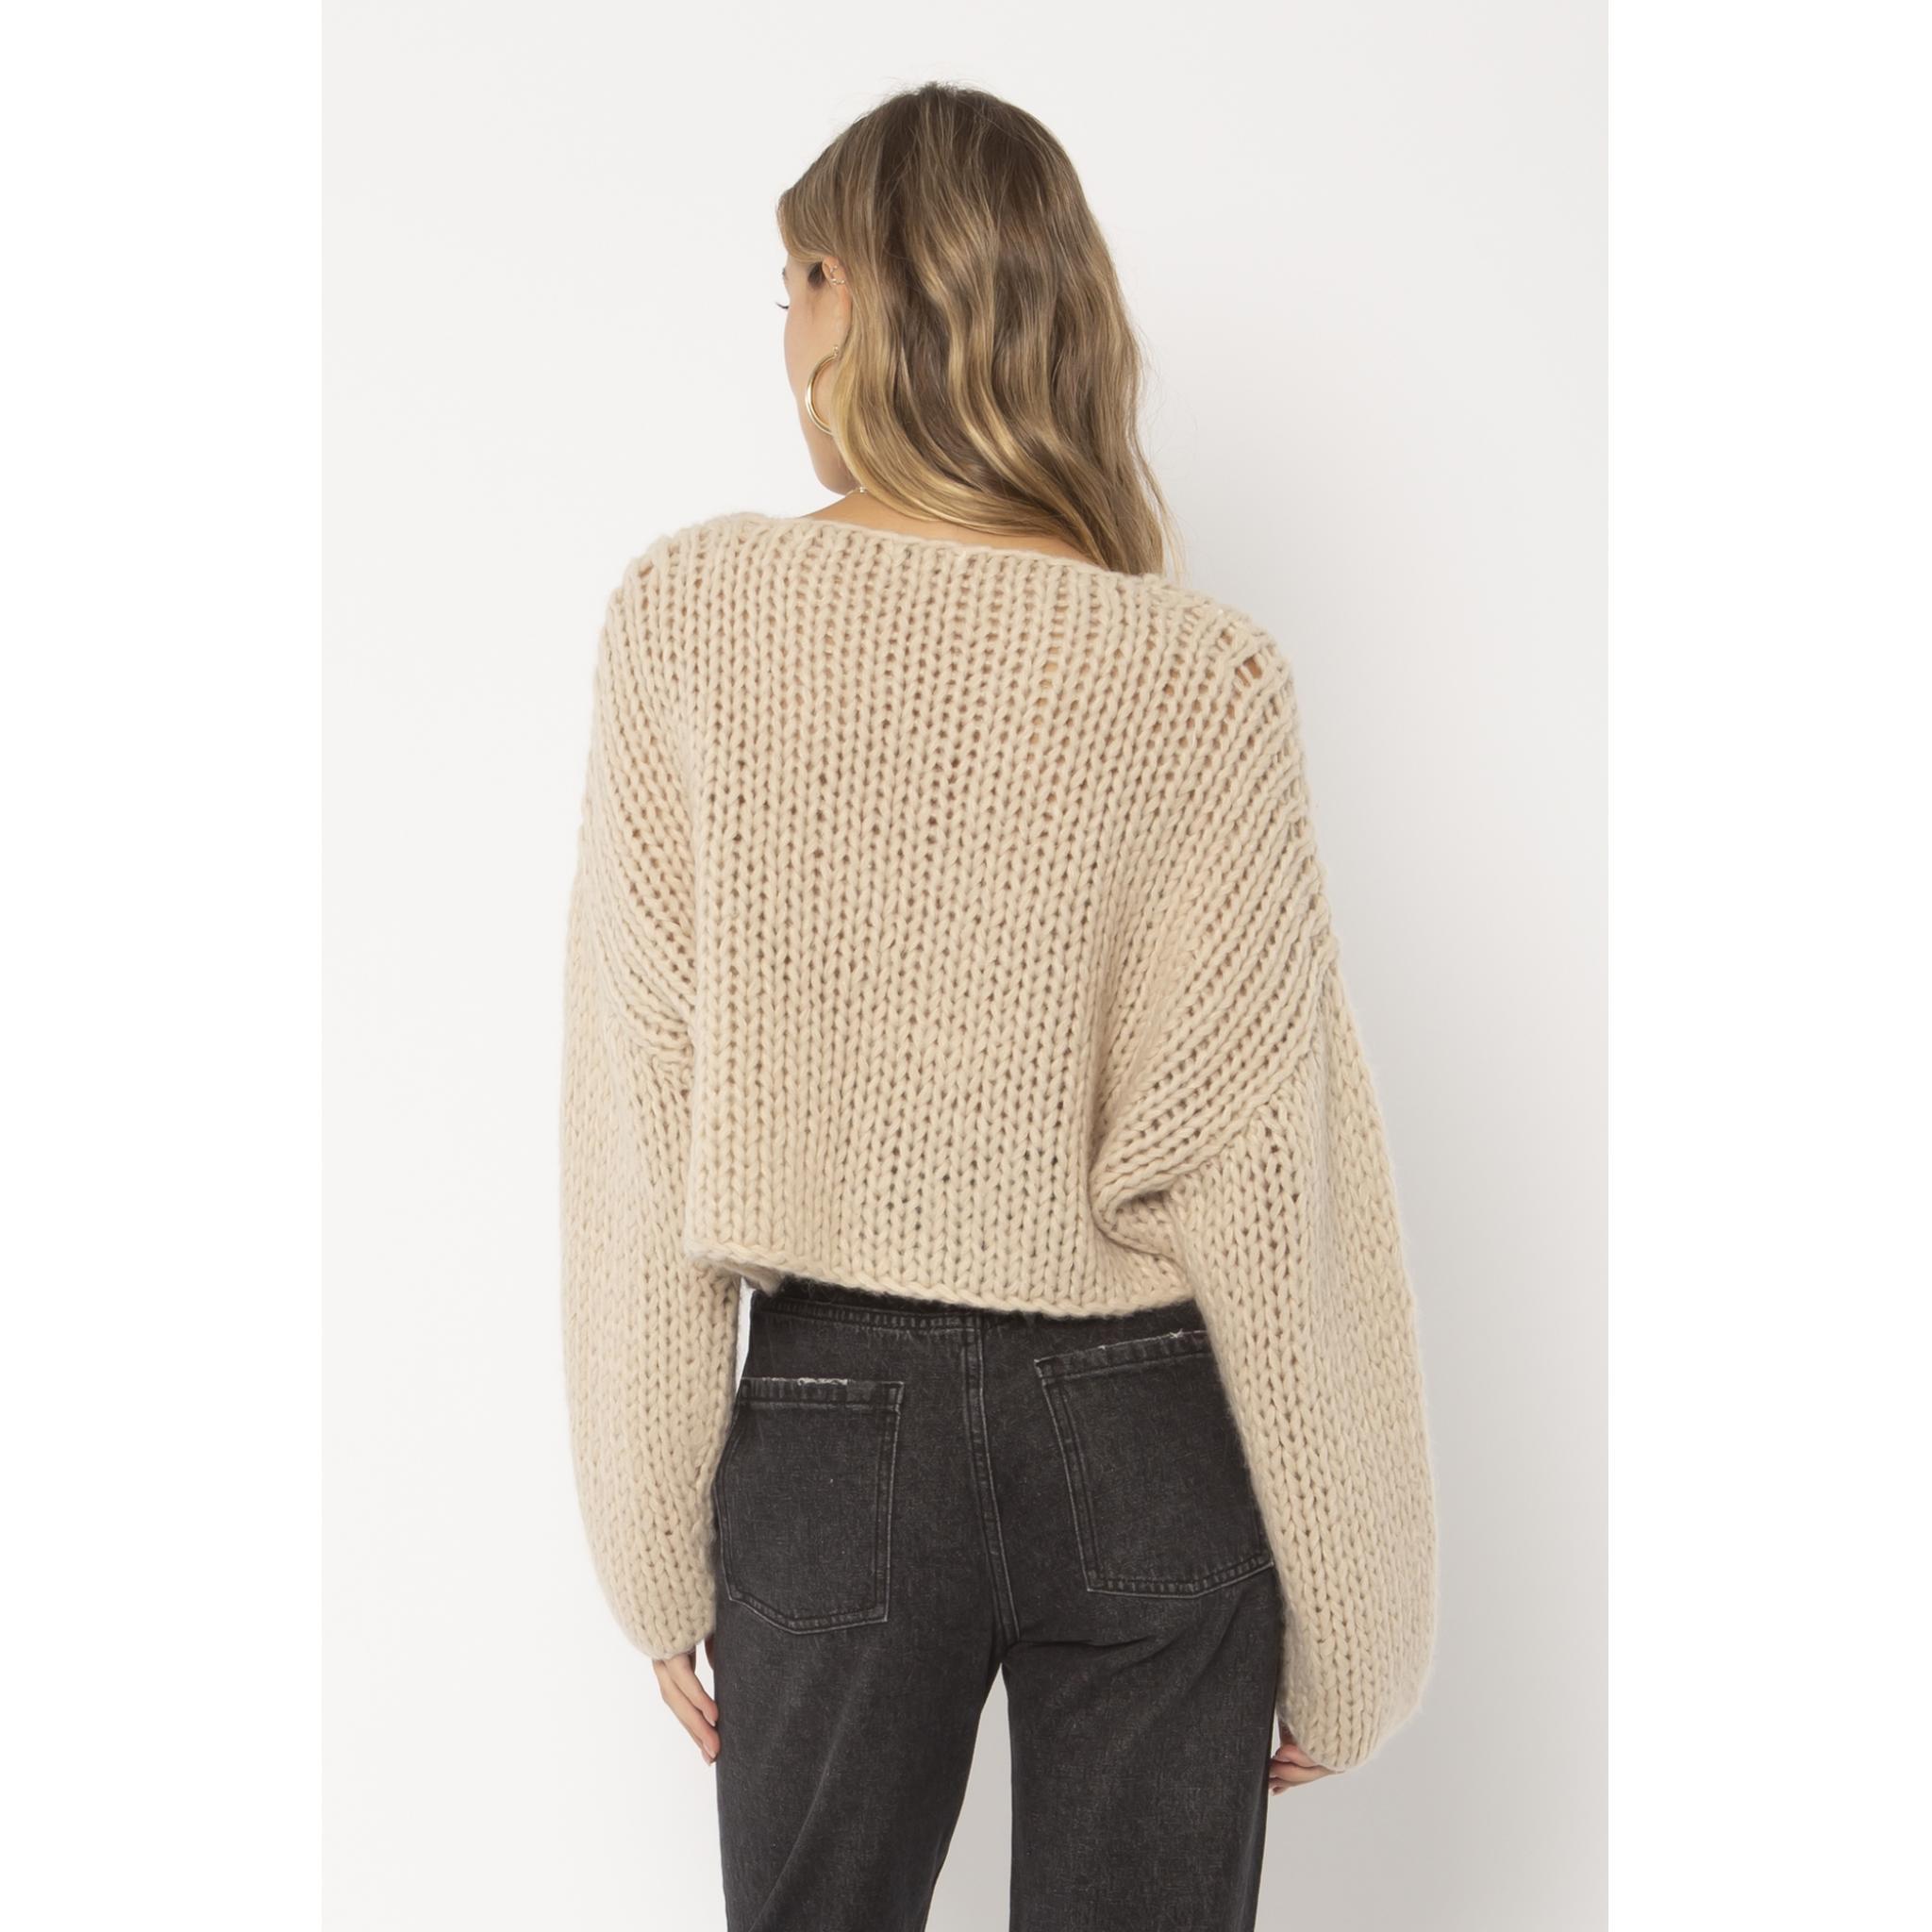 AMUSE Desert Skies Sweater